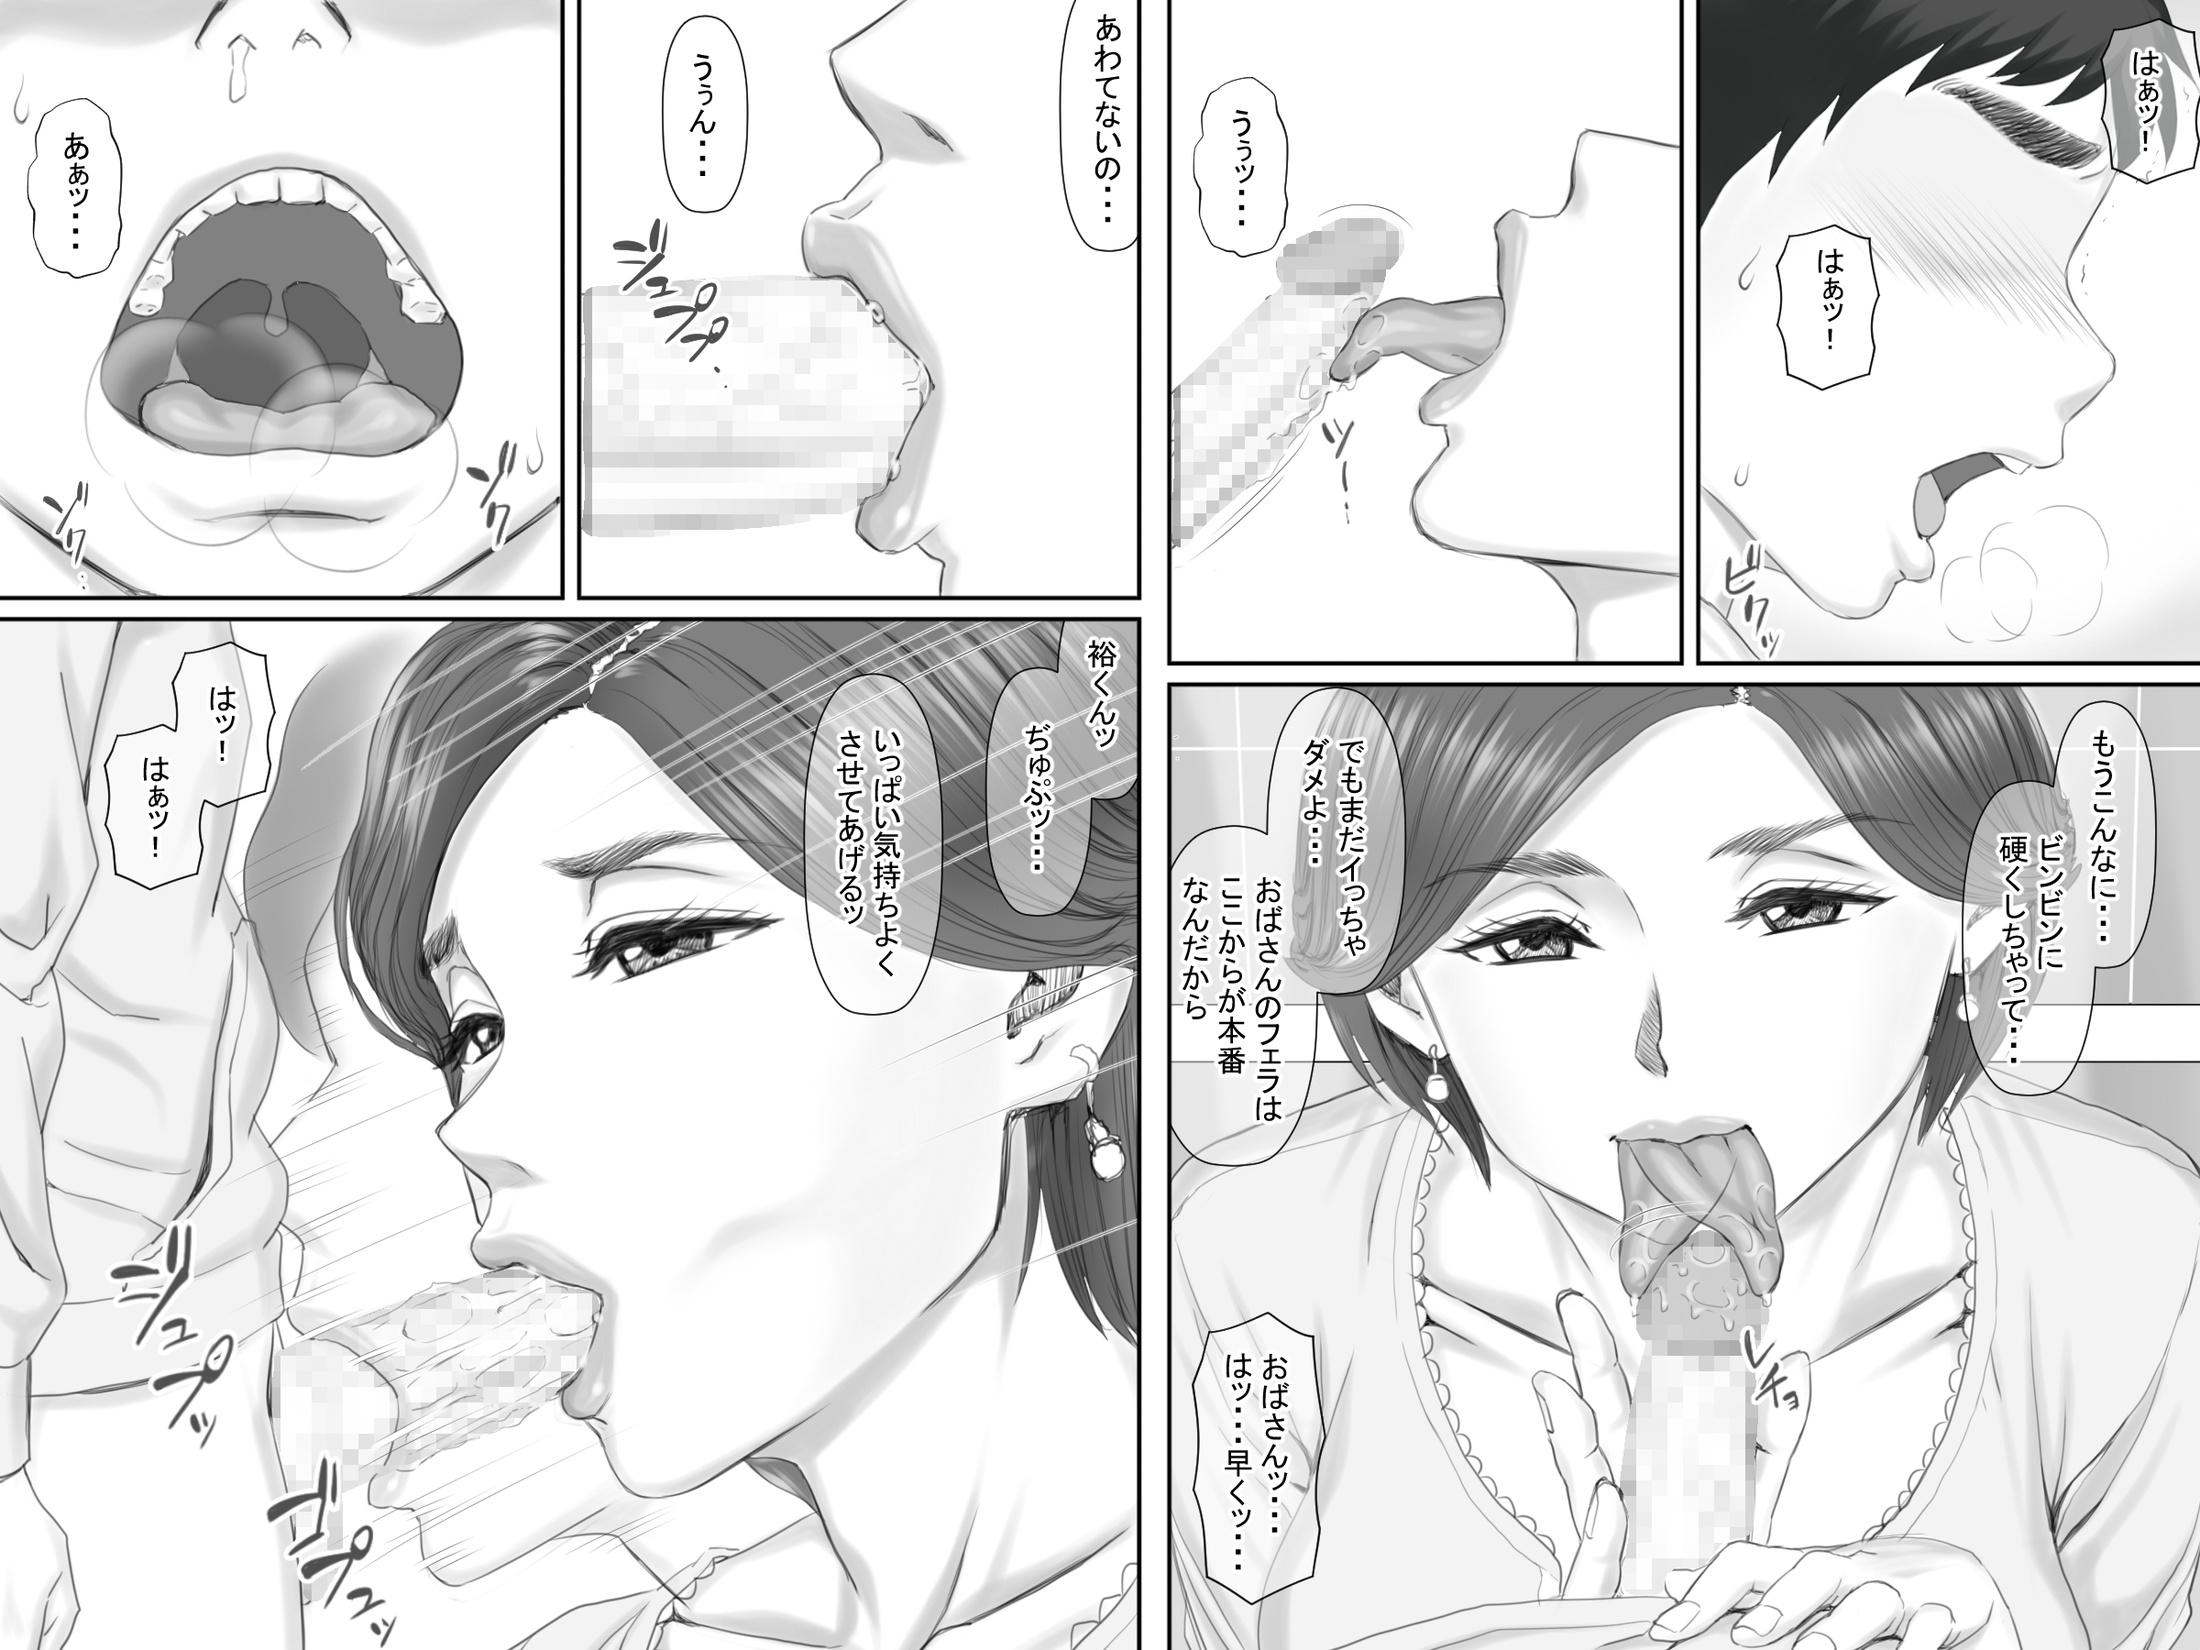 【エロ漫画・エロ同人誌】巨乳人妻と付き合ってエッチしてるショタっ子www ボクの彼女は40歳の人妻でママの友達 (19)